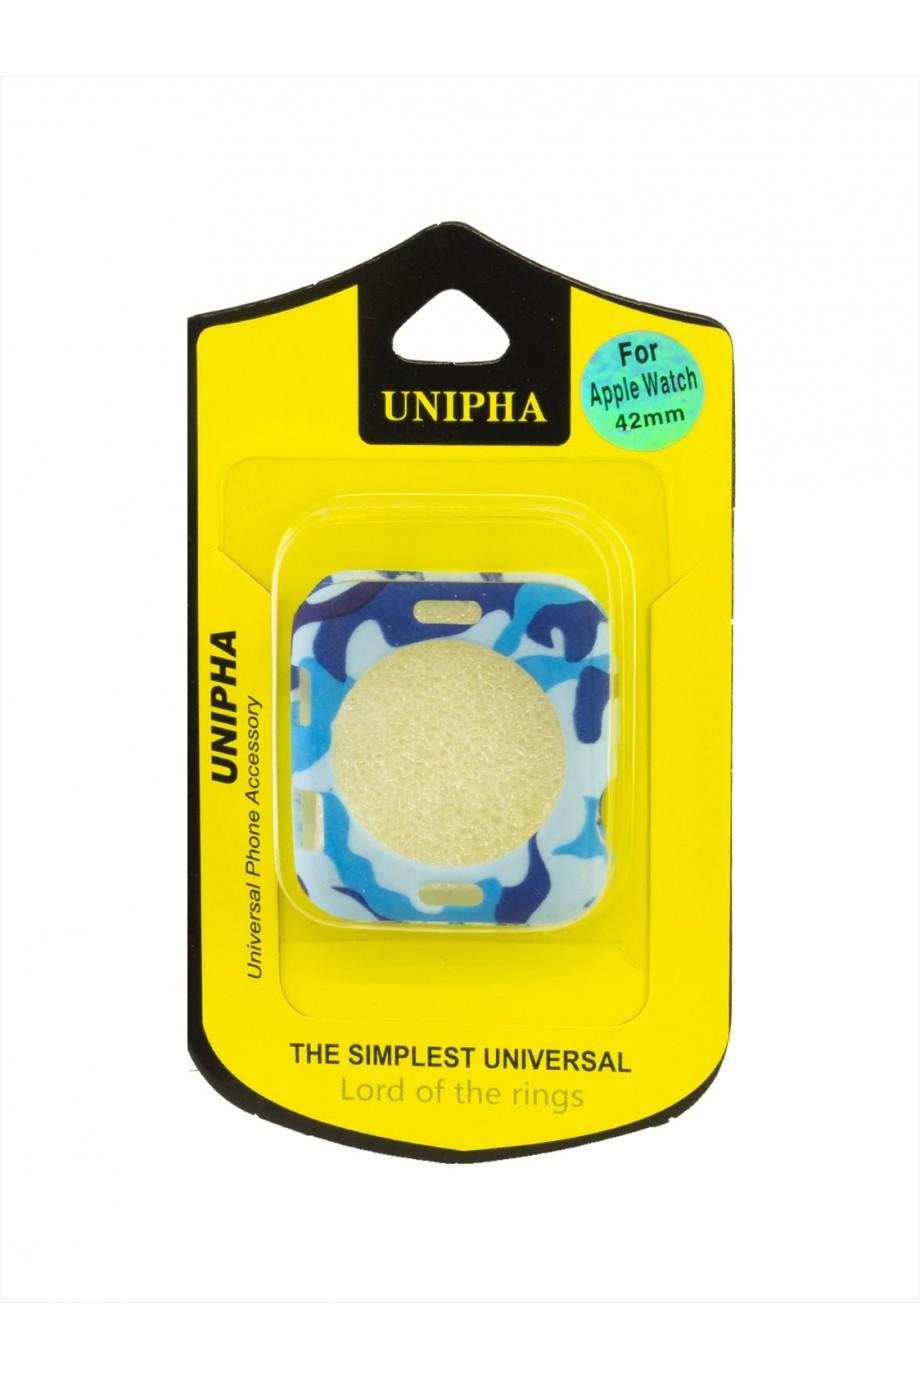 Чехол Unipha для Apple Watch, силиконовый, камуфляж голубой, 42 мм